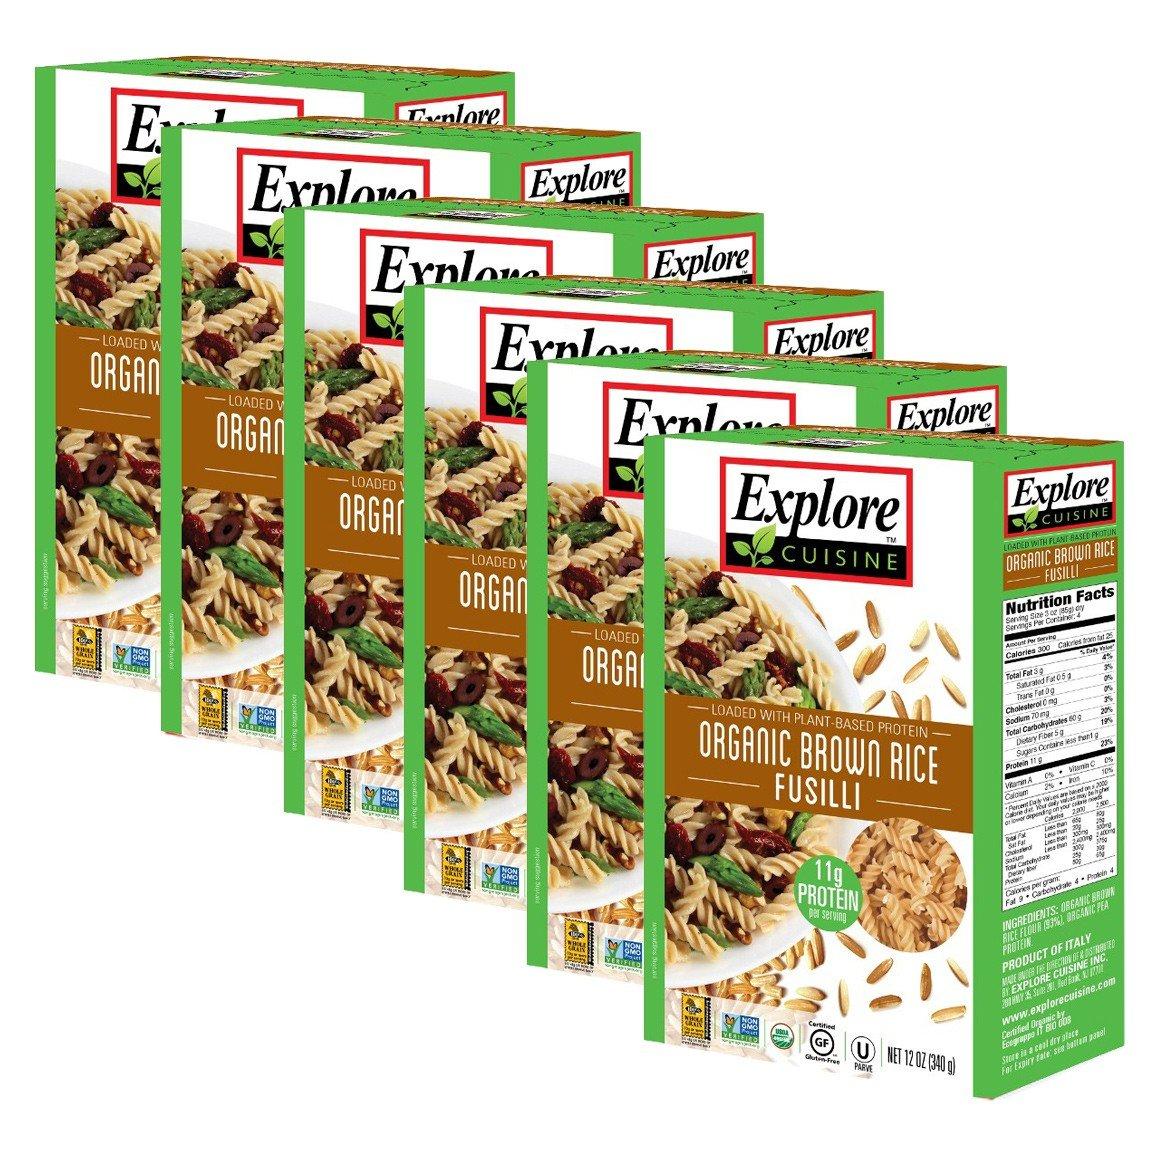 Explore Cuisine Organic Brown Rice Fusilli, Organic, Gluten Free, non-GMO Verified, 12 oz (Pack of 6)